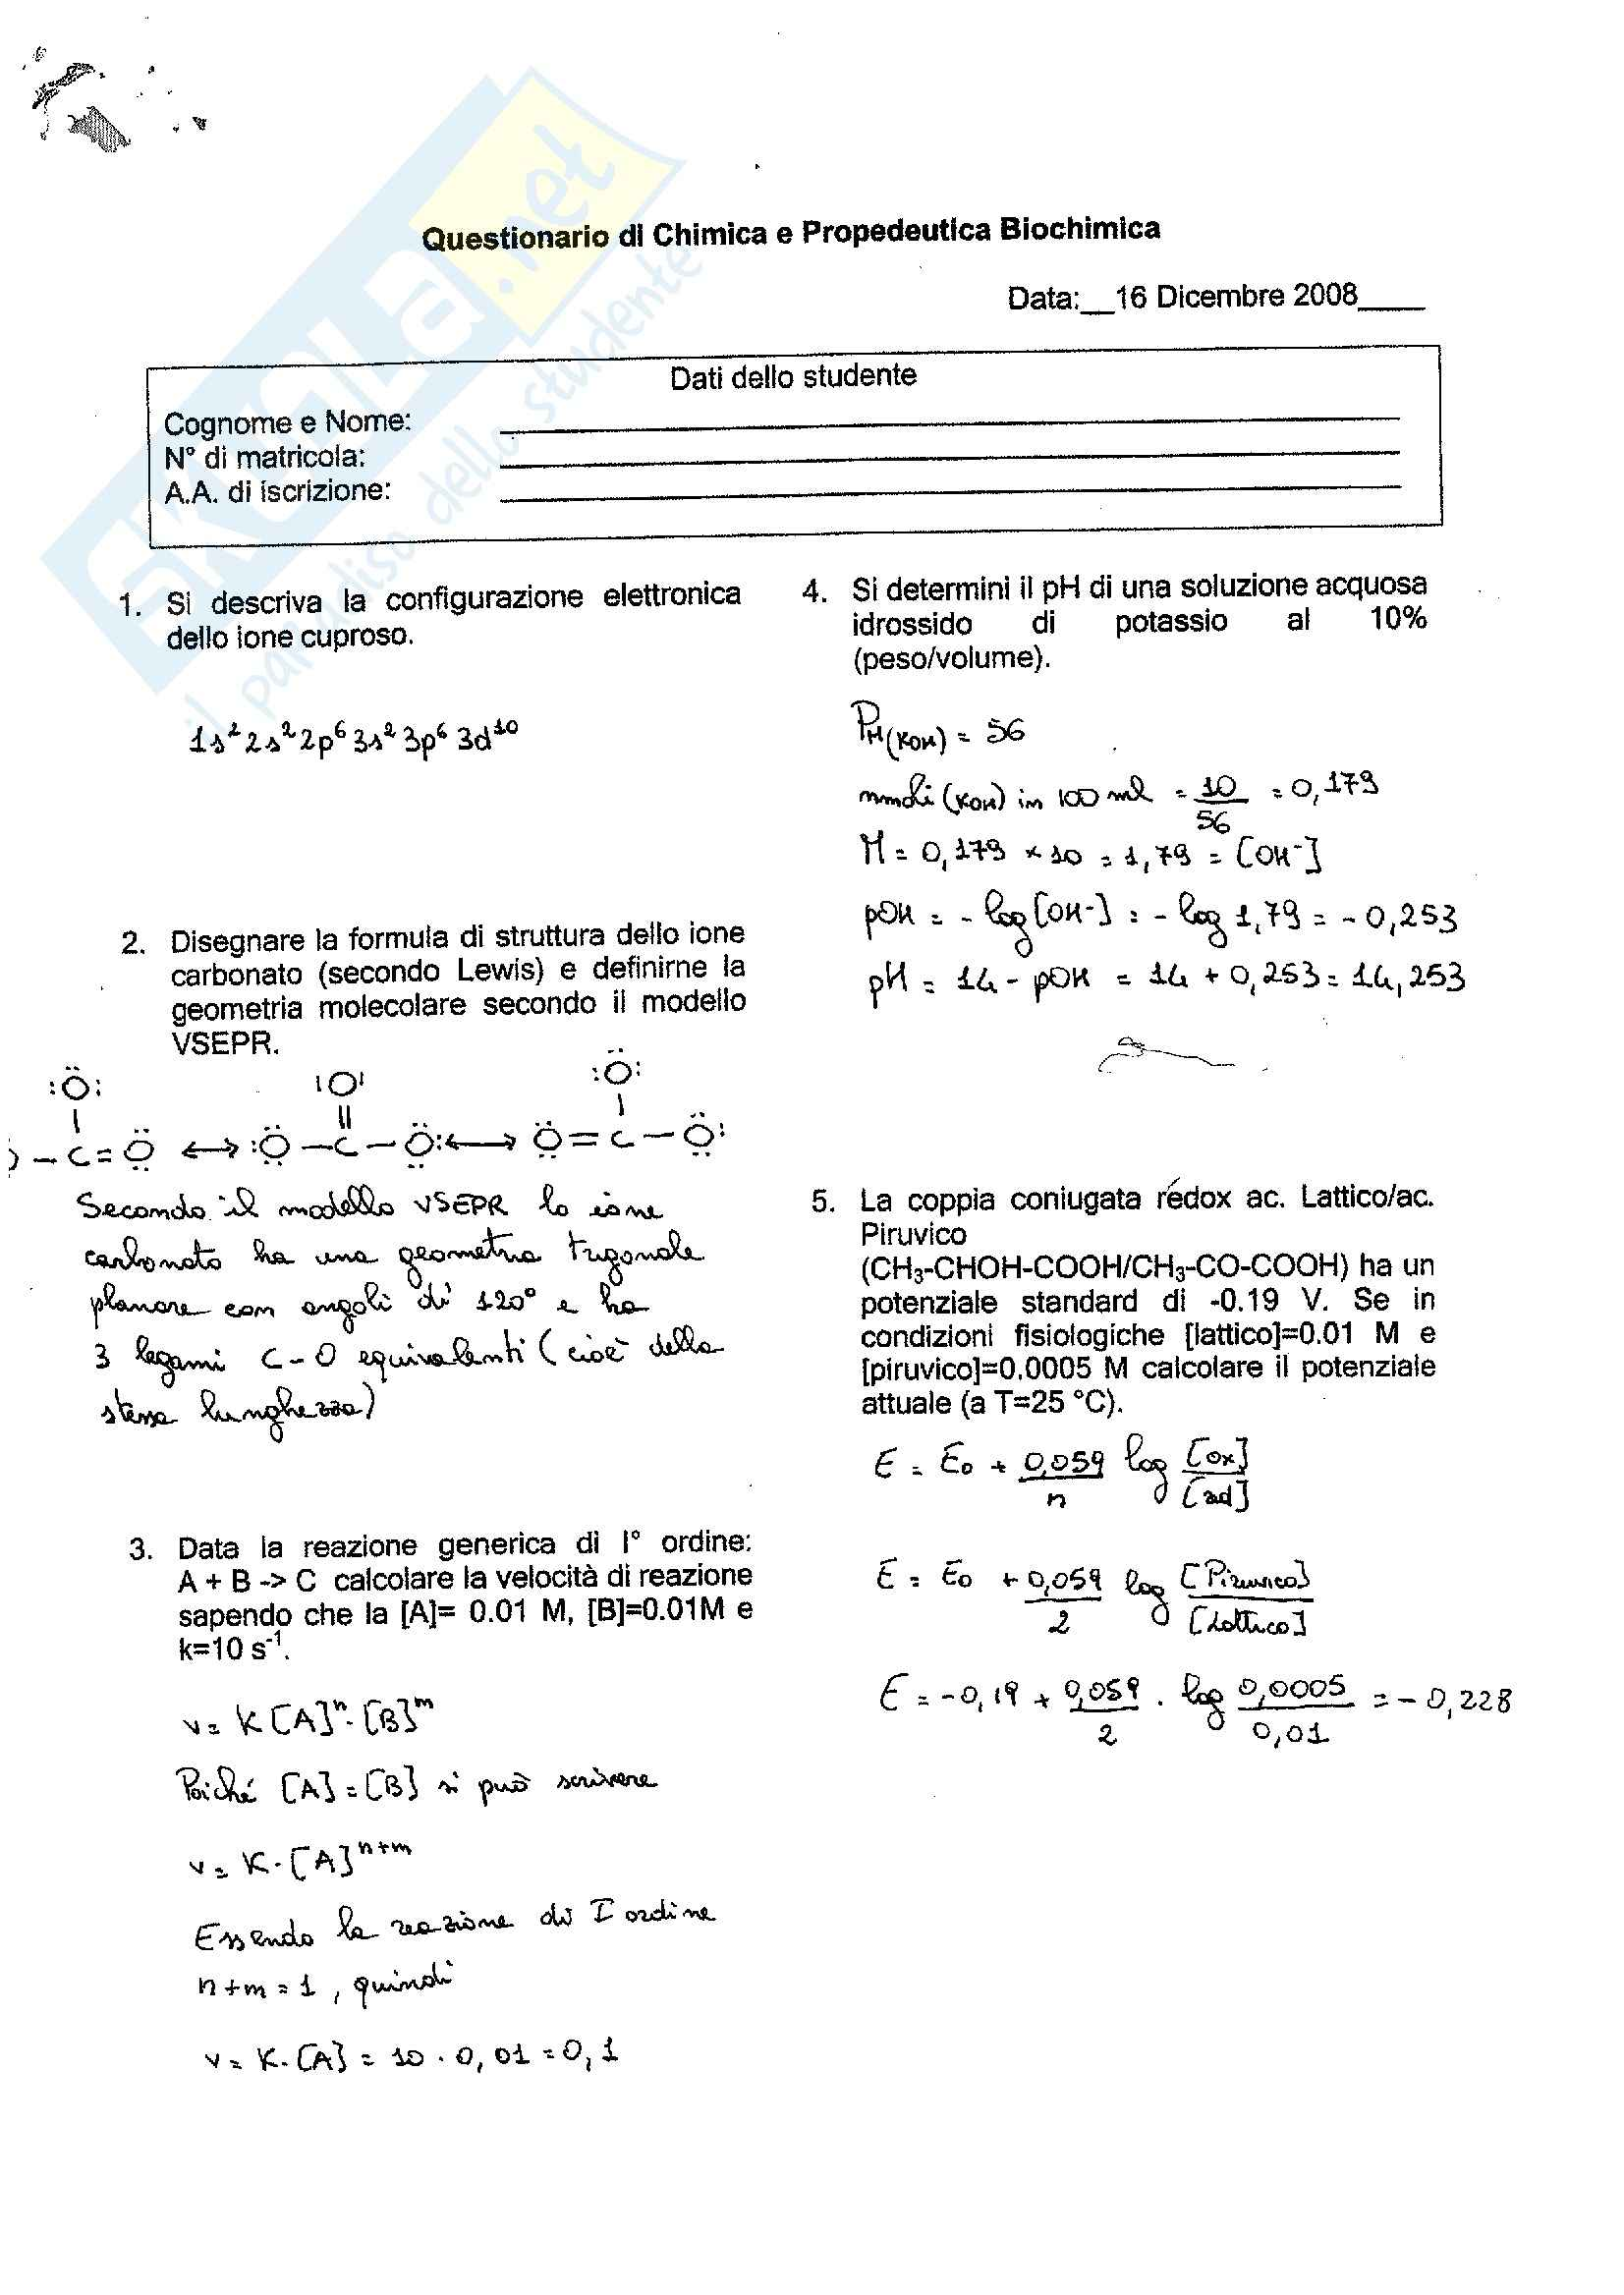 esercitazione N. Capitanio Chimica e propedeutica biochimica